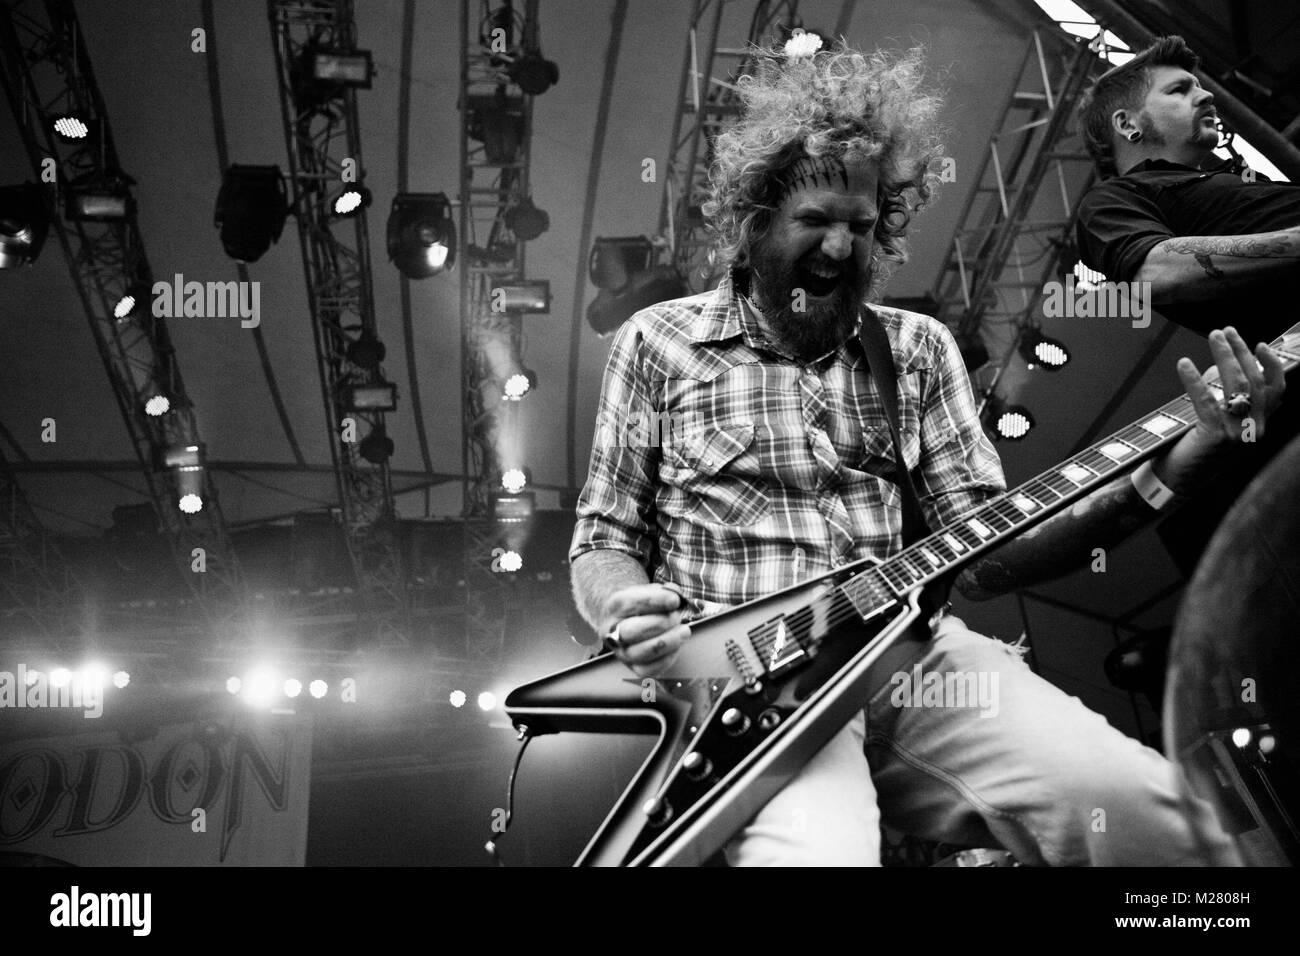 La banda de metal americano mastodonte realiza un concierto en vivo en el escenario naranja en Roskilde Festival Foto de stock